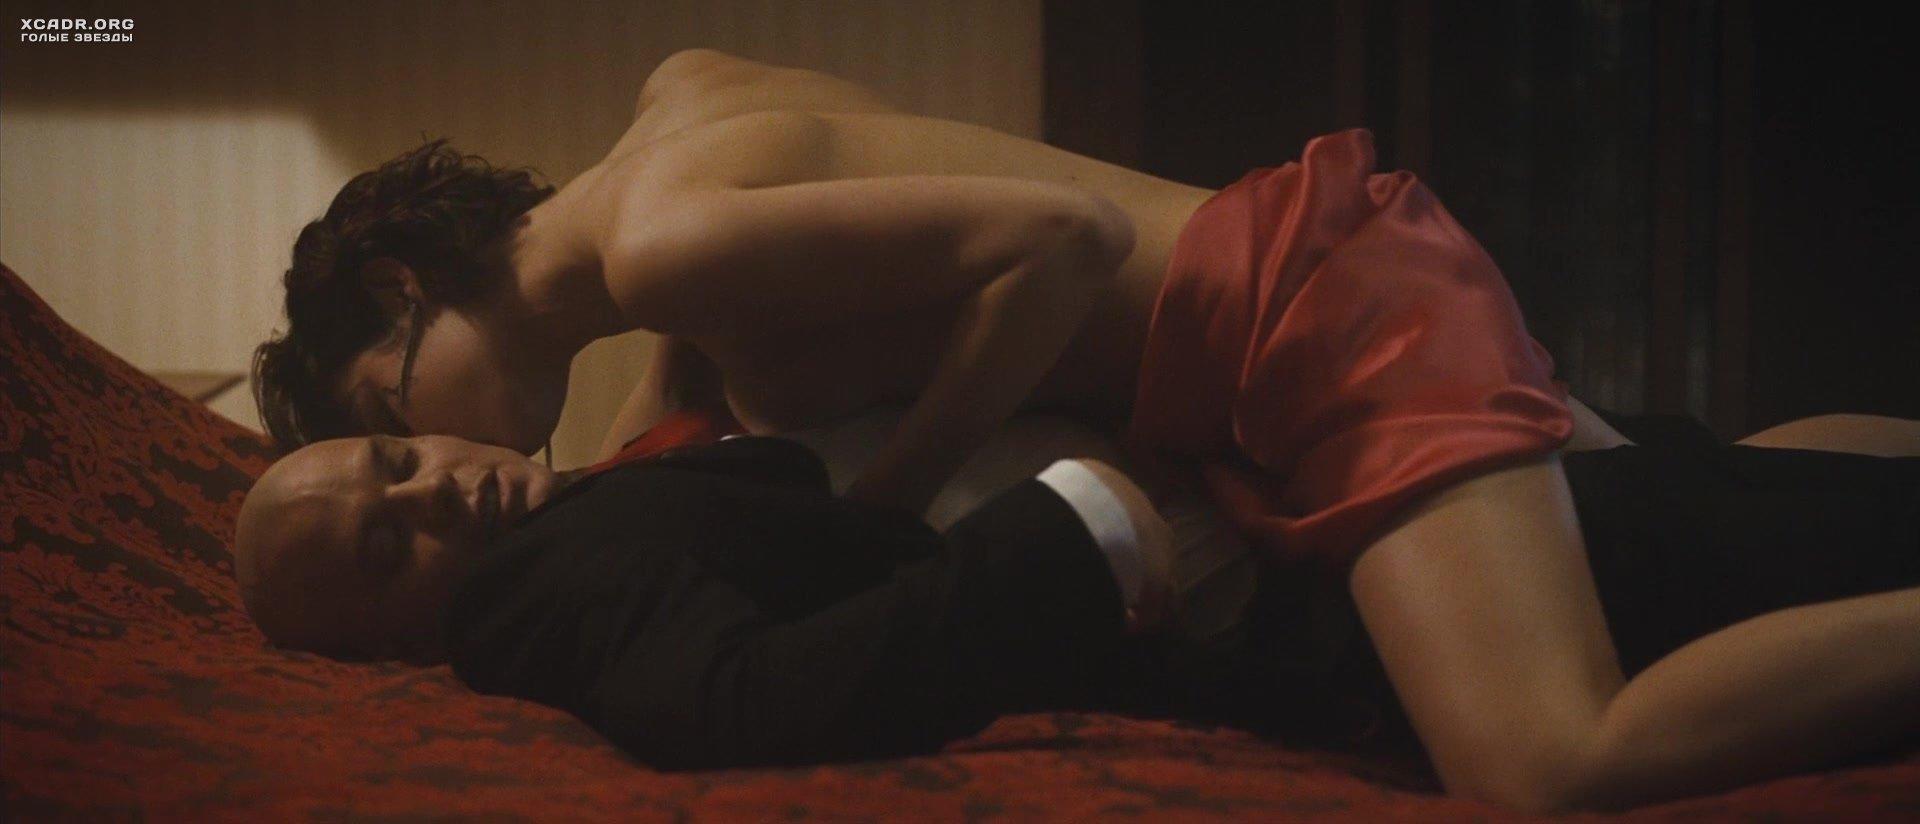 Смотреть онлайн секс с ольгой куриленко 7 фотография